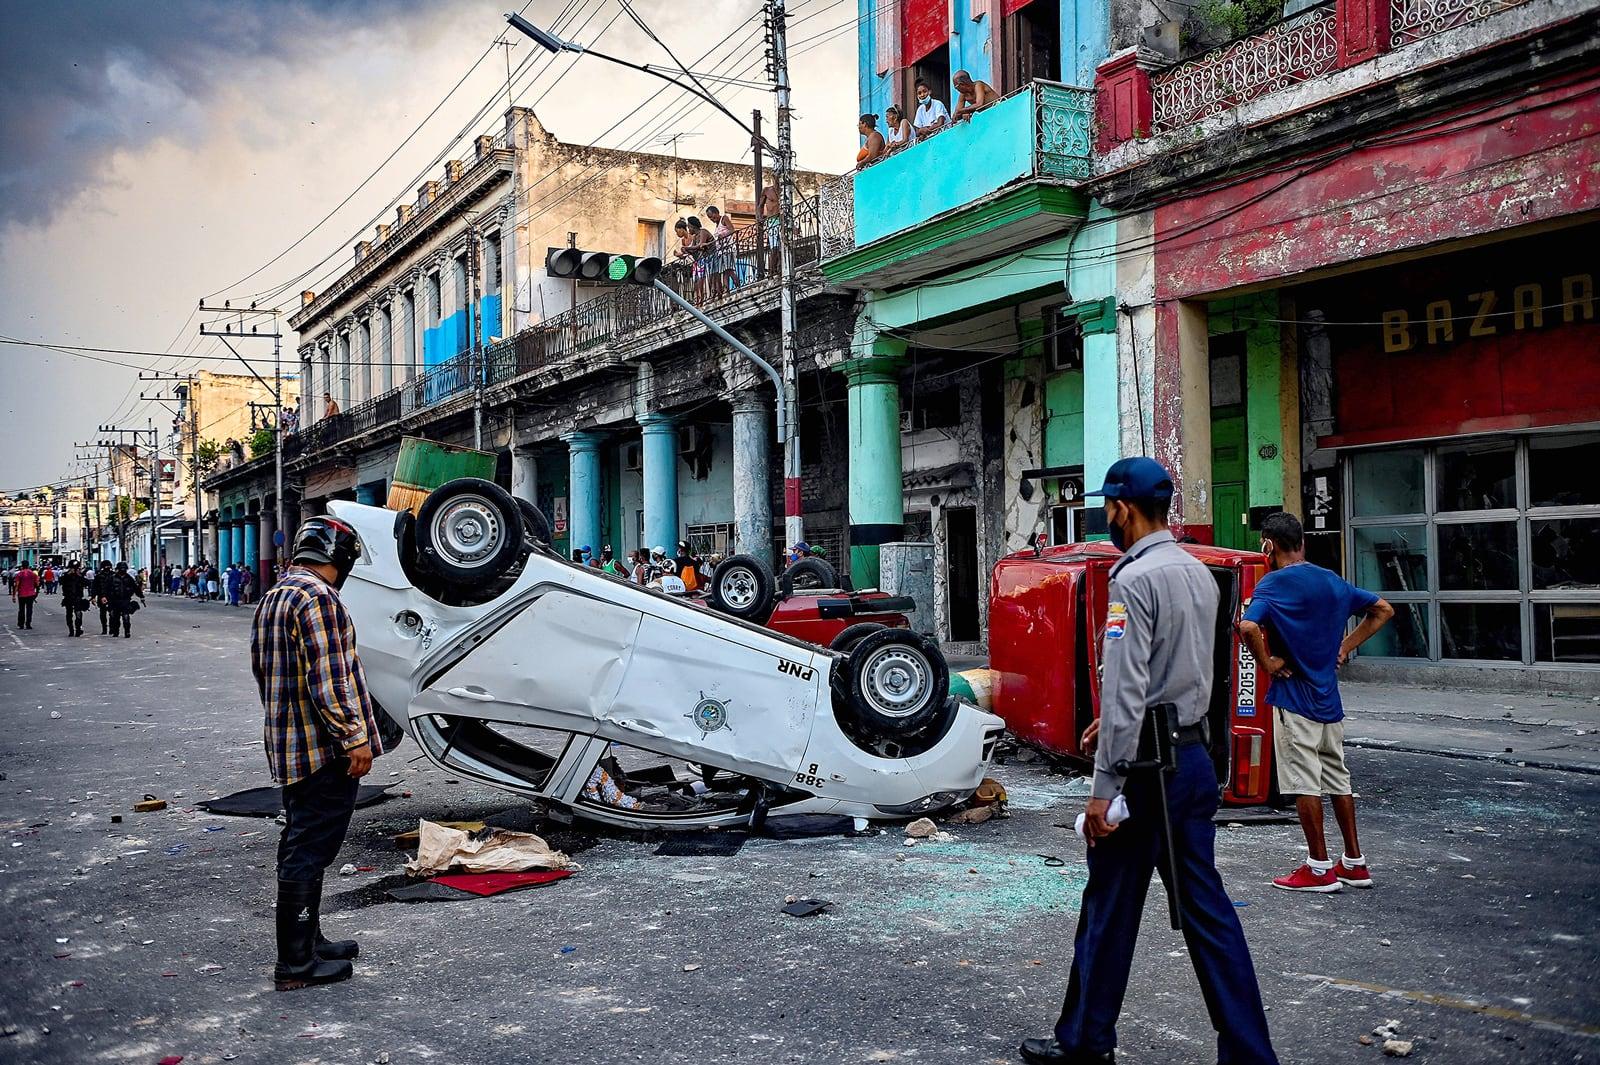 Cotxes de la policia bolcats a l'Havana, l'11 de juliol, durant les protestes contra el president Miguel Díaz-Canel i el govern comunista. Fotografia de Yamil Lage. AFP. Getty Images.